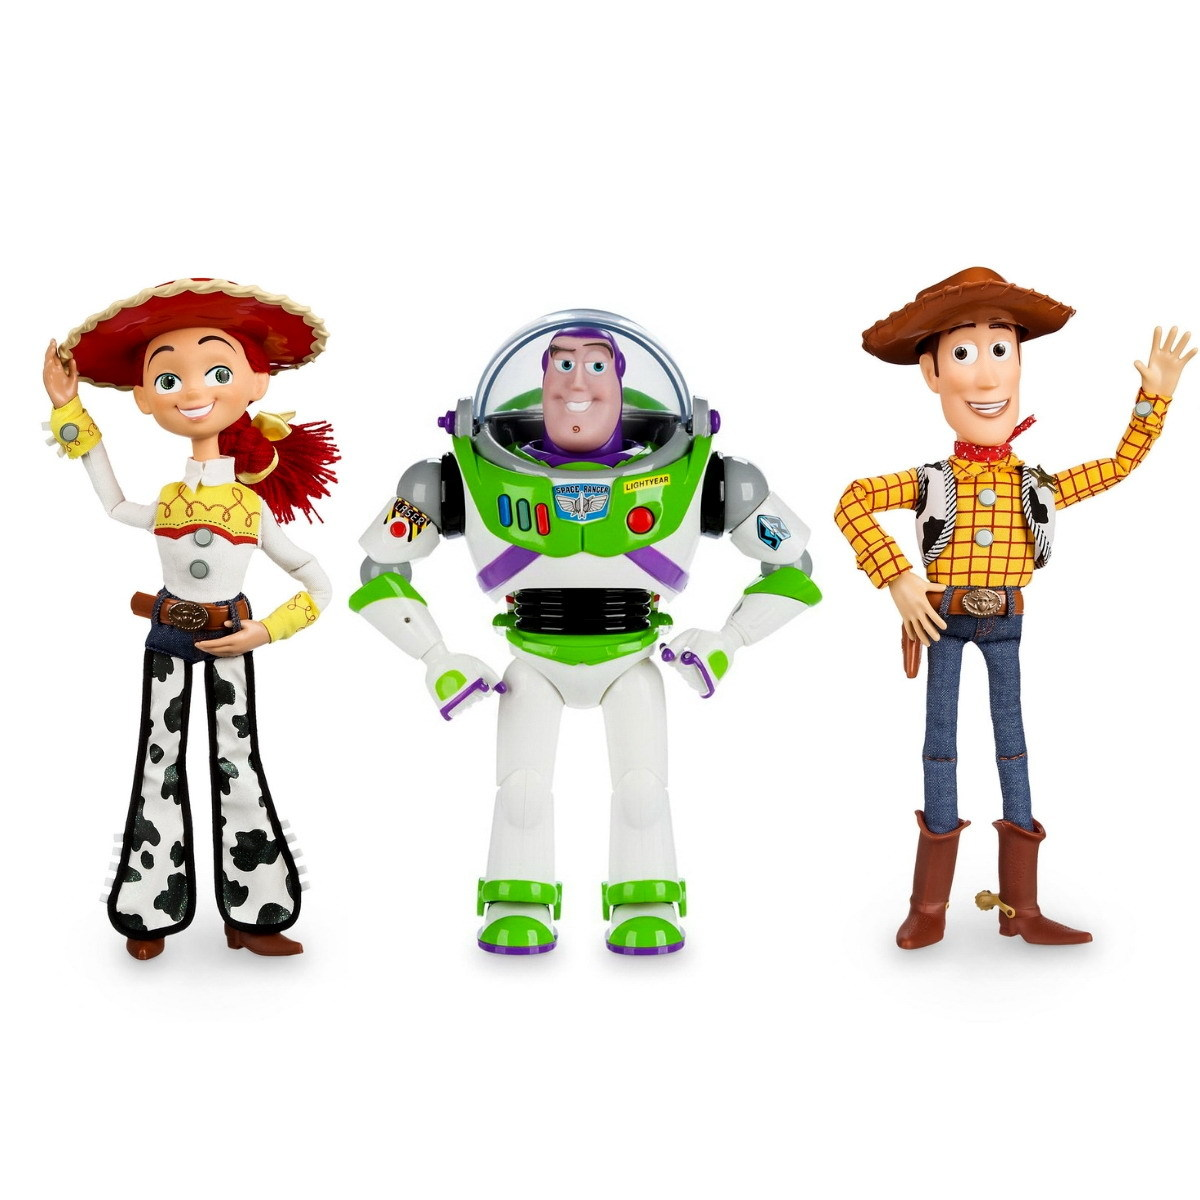 Игрушки из Истории игрушек Базз Лайтер, Вуди и Джесси Баз_Вуди_Джесси.jpg